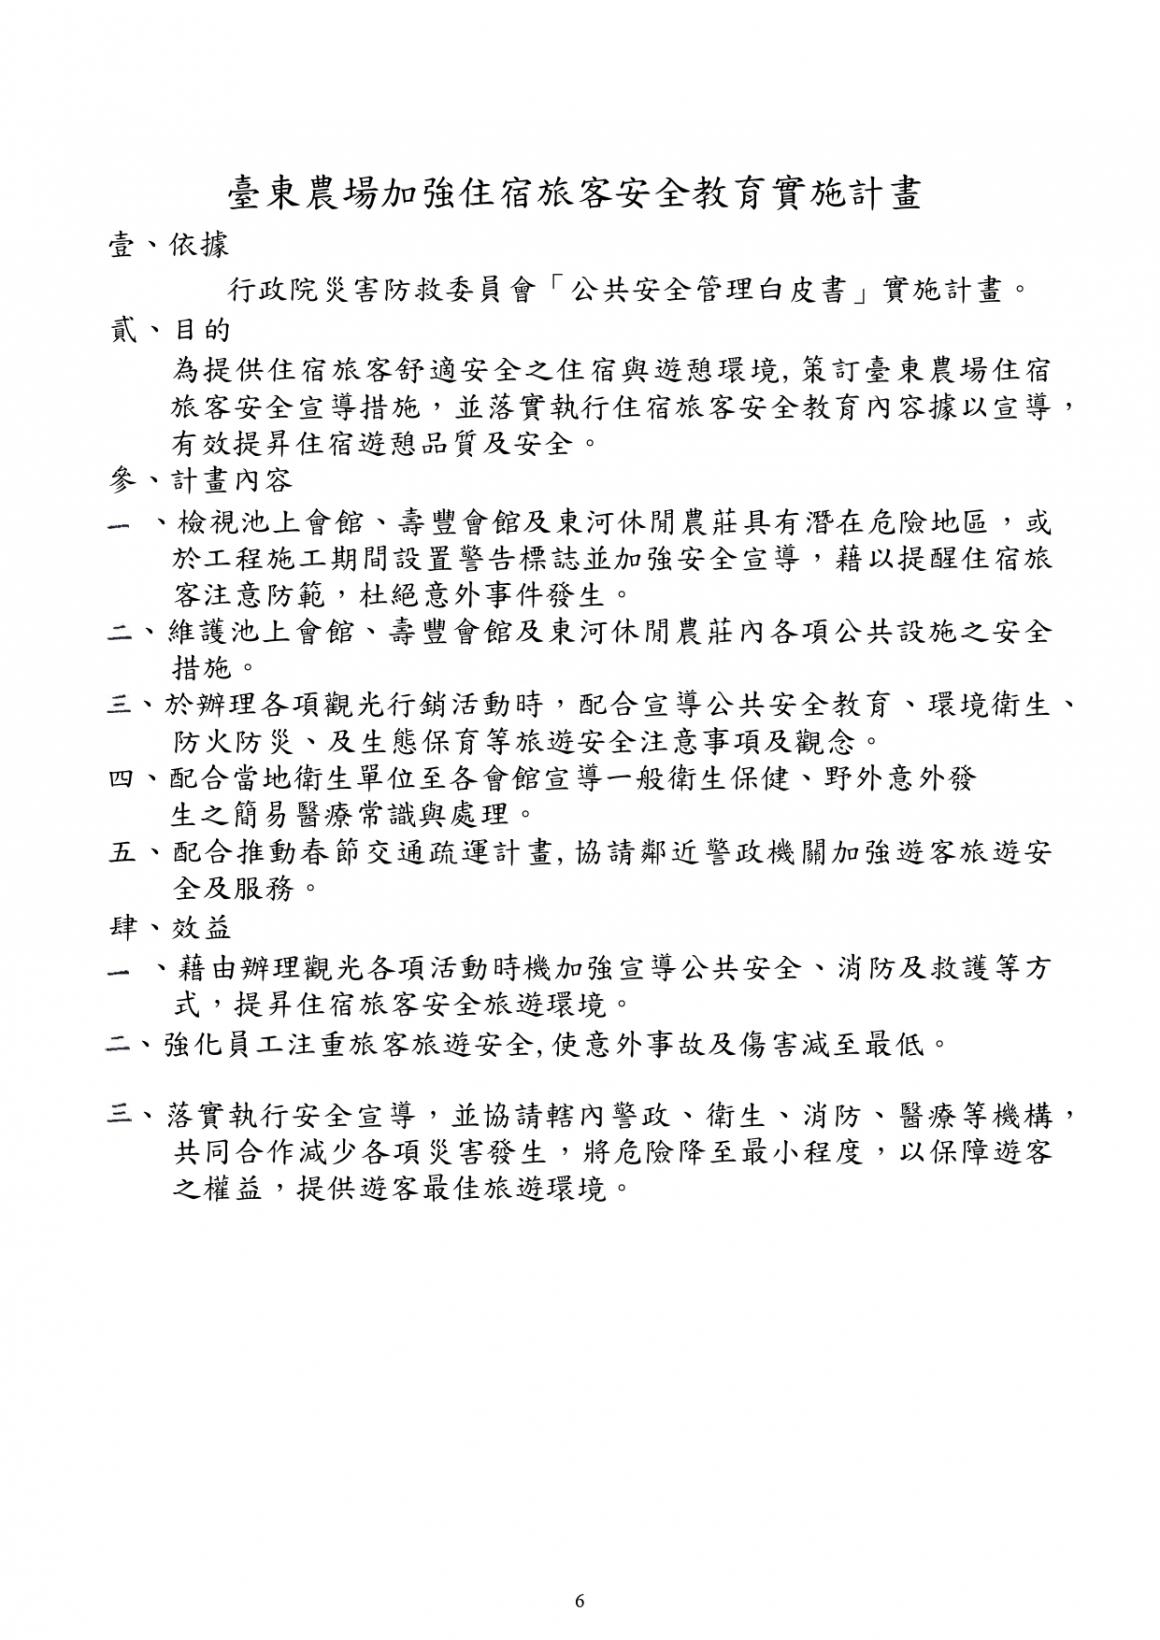 臺東農場應變程序正式版_page-0006